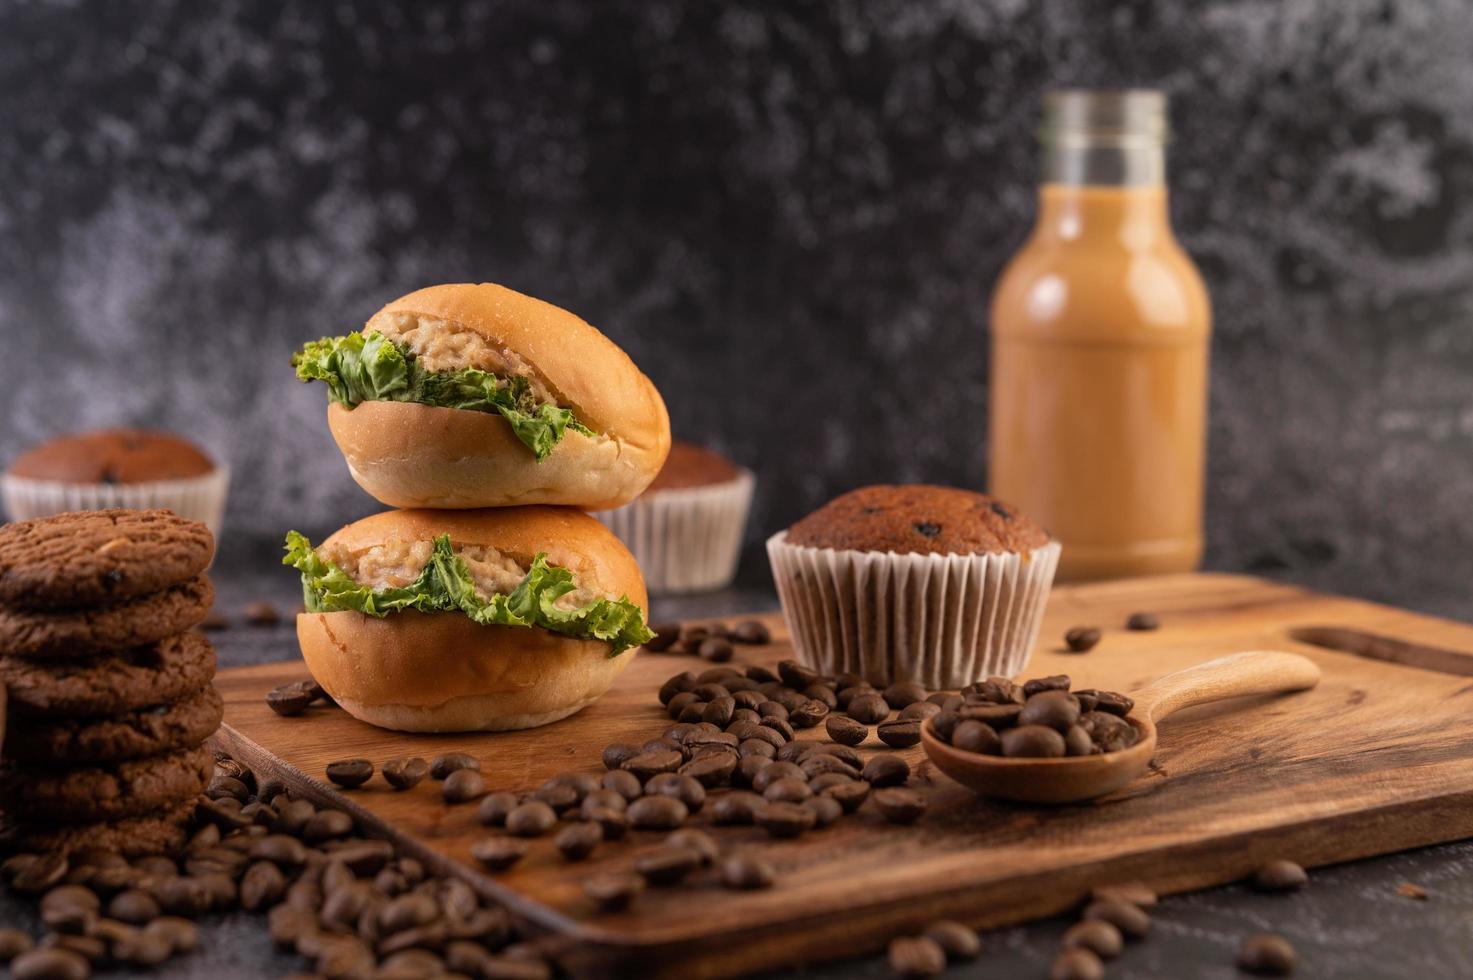 hambúrgueres com grãos de café em uma placa de madeira marrom foto